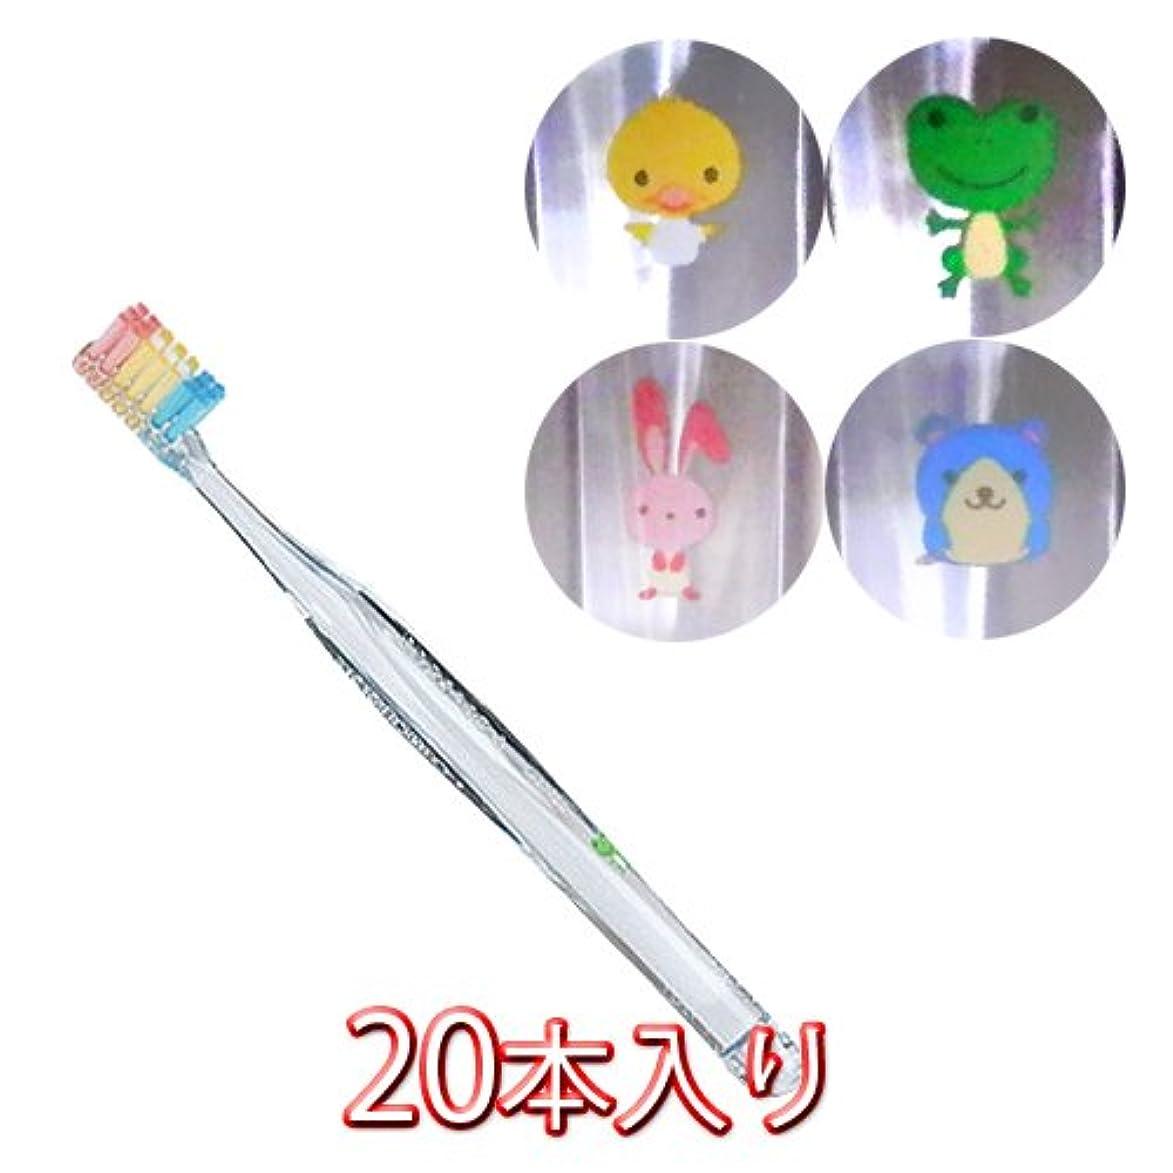 デモンストレーション確執ブラウザプロスペック プラス フォーレッスン 歯ブラシ 20本入 スモール